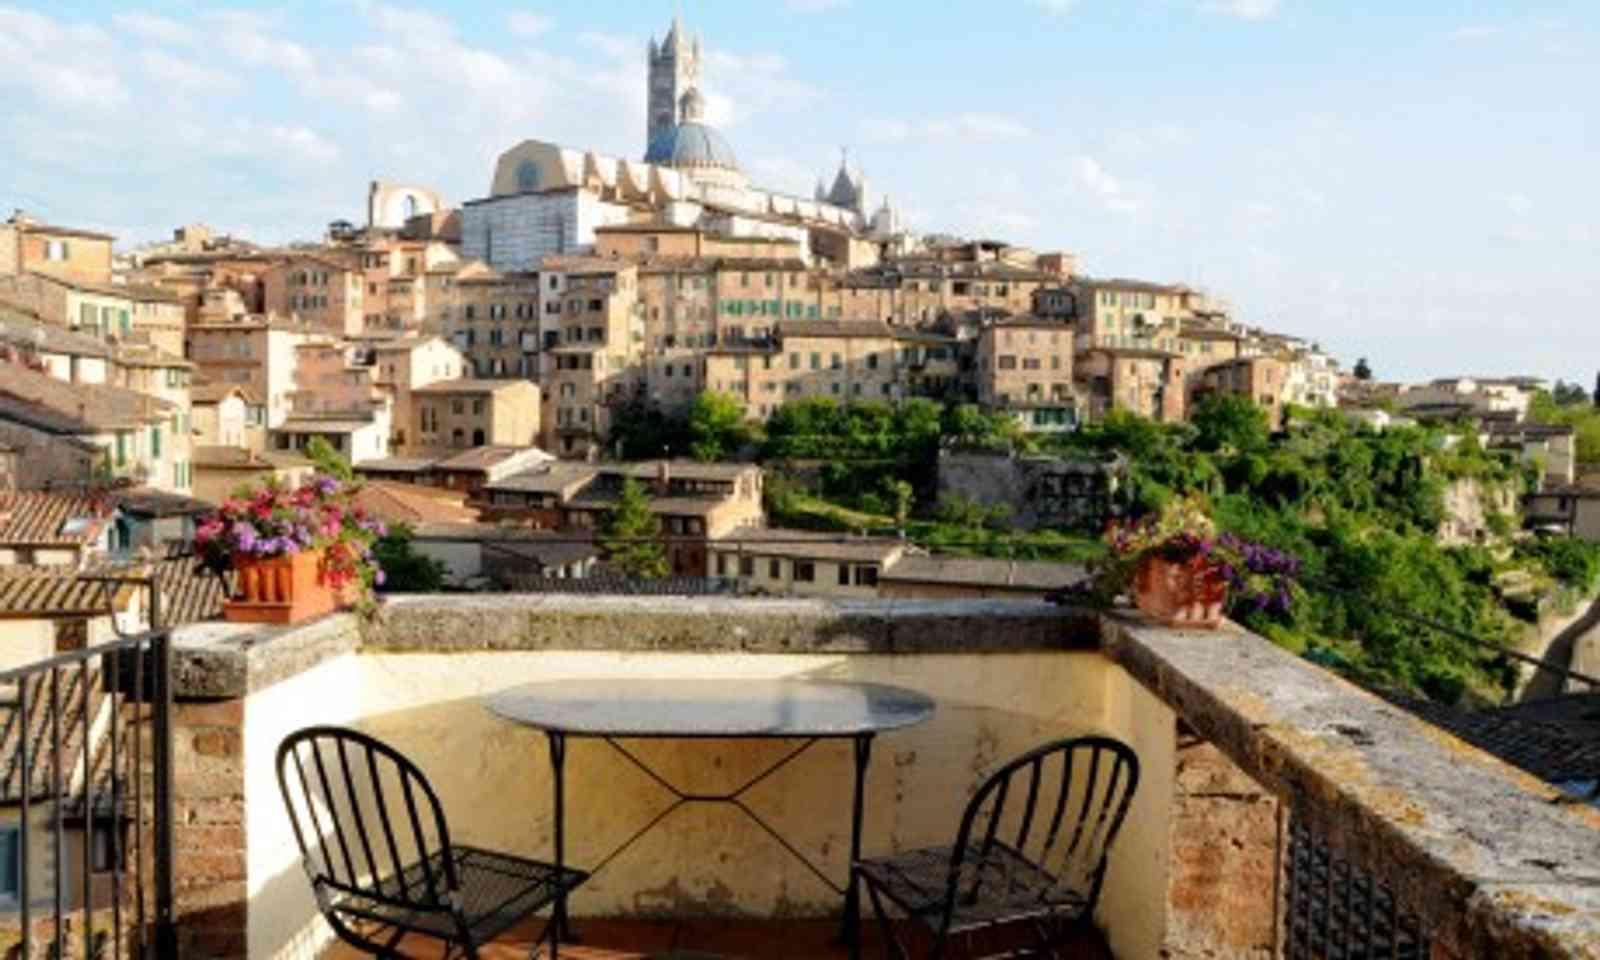 Siena (Wanderlust)